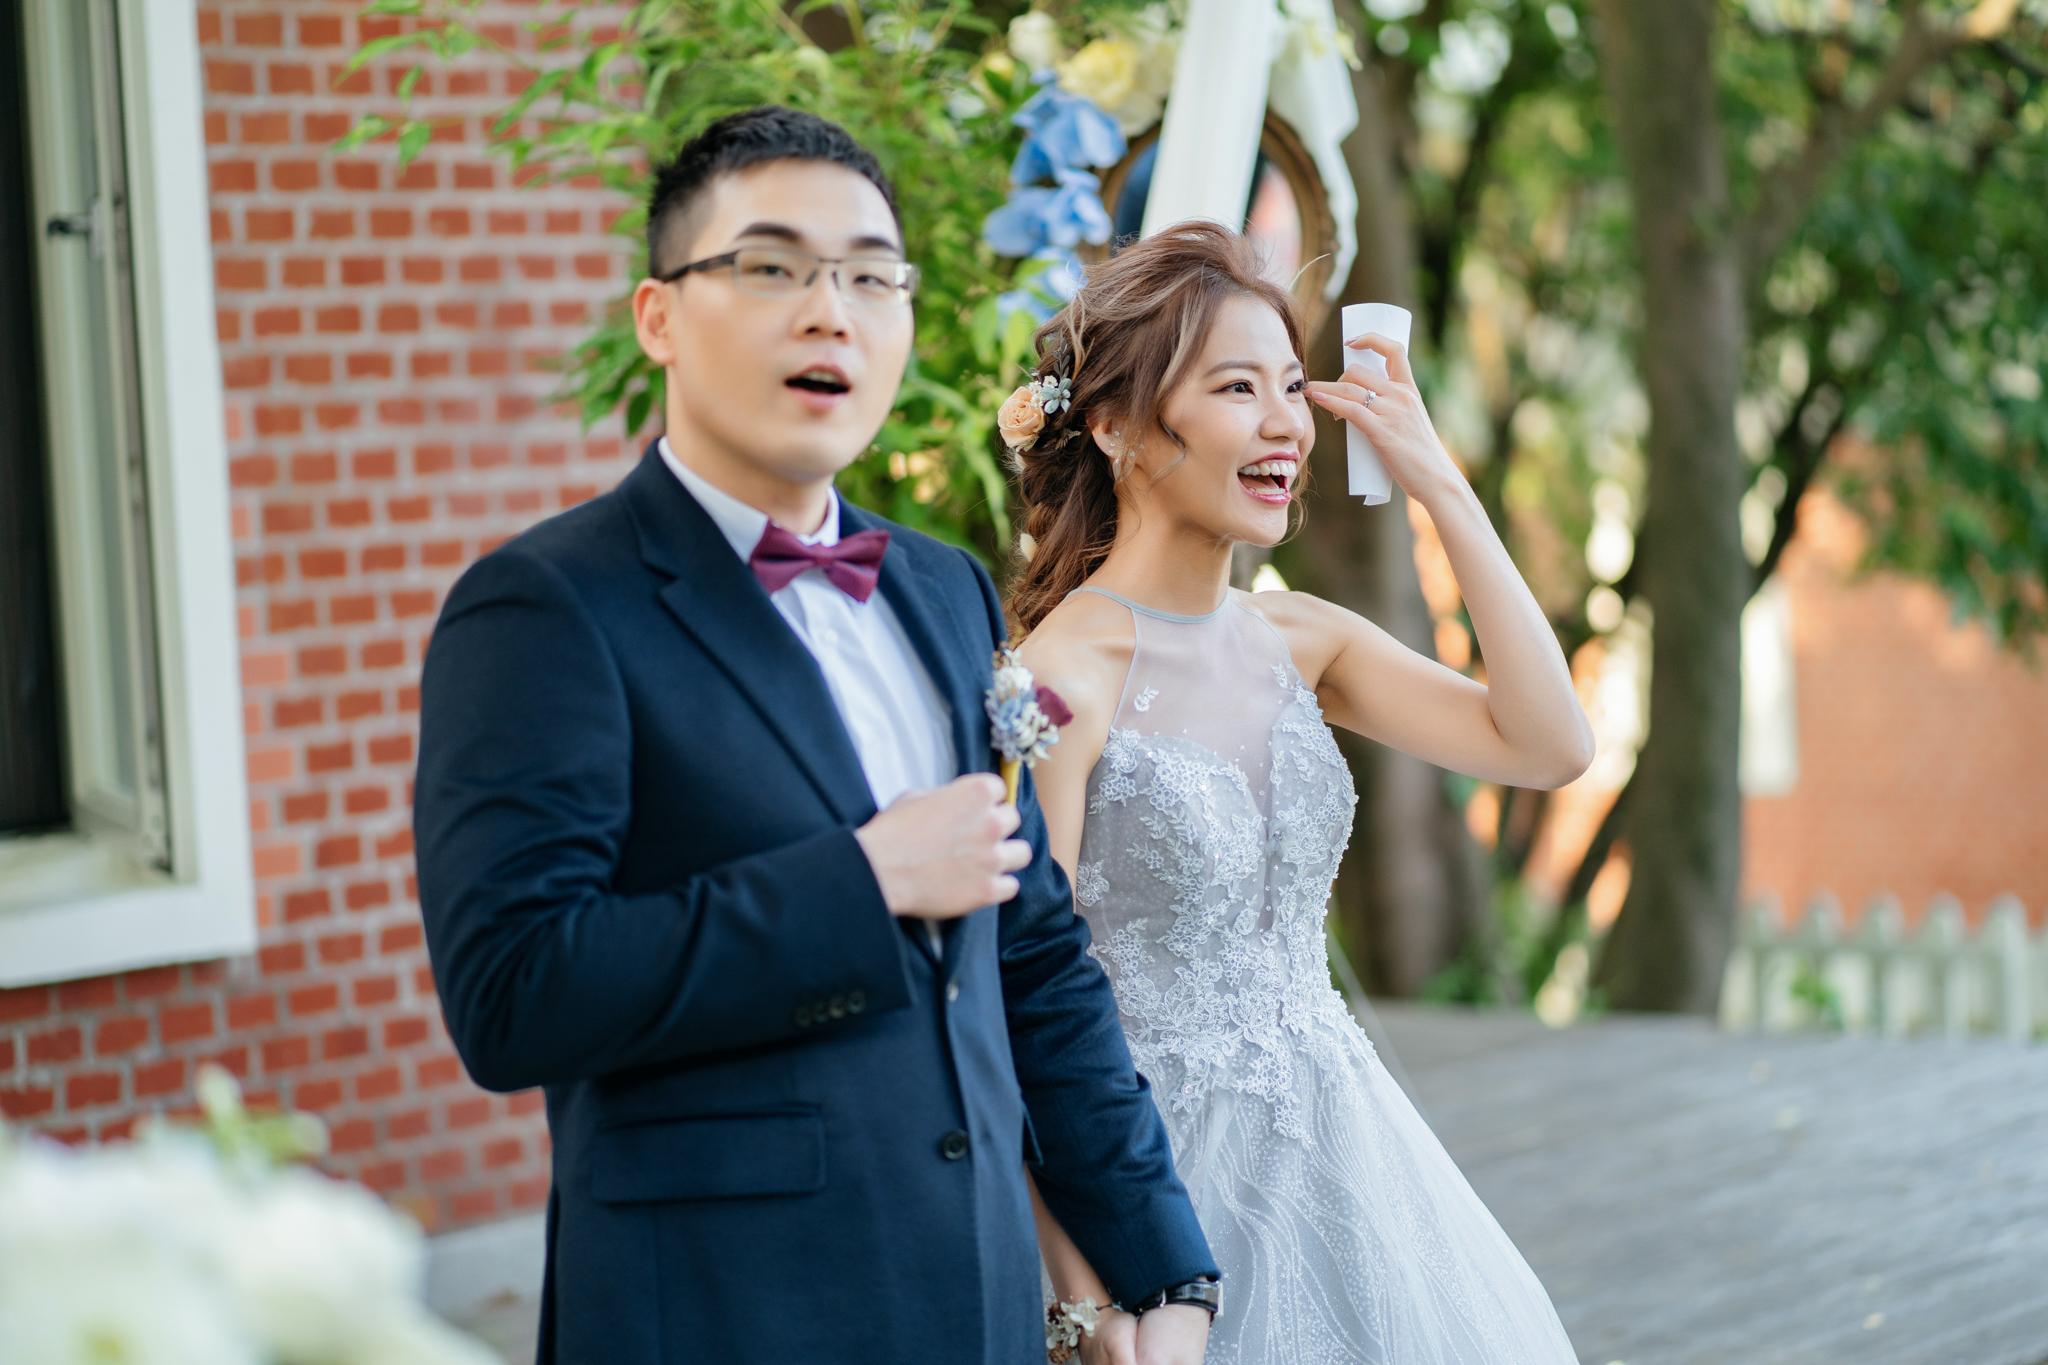 婚禮紀錄,EASTERN WEDDING, Donfer, 東法